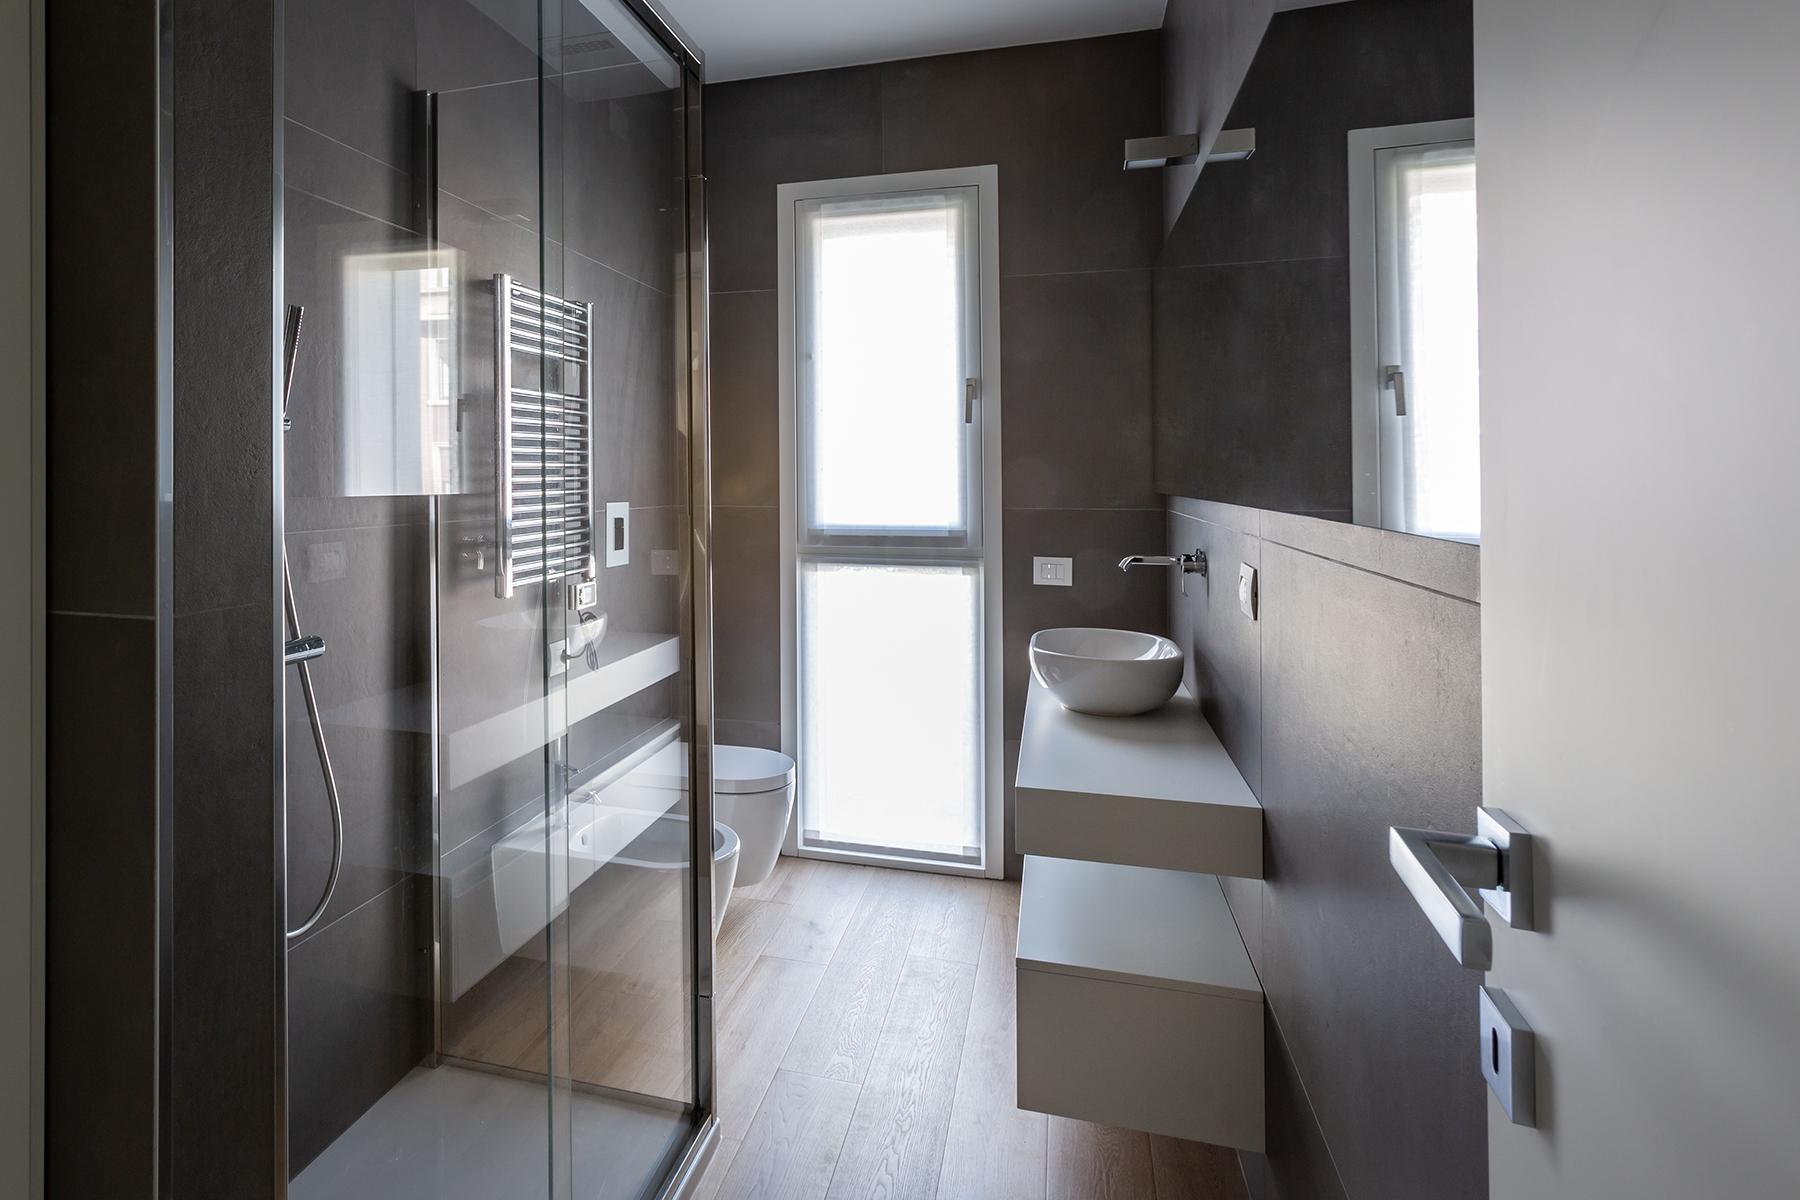 Casa di nuova costruzione a Milano_bagno ospiti